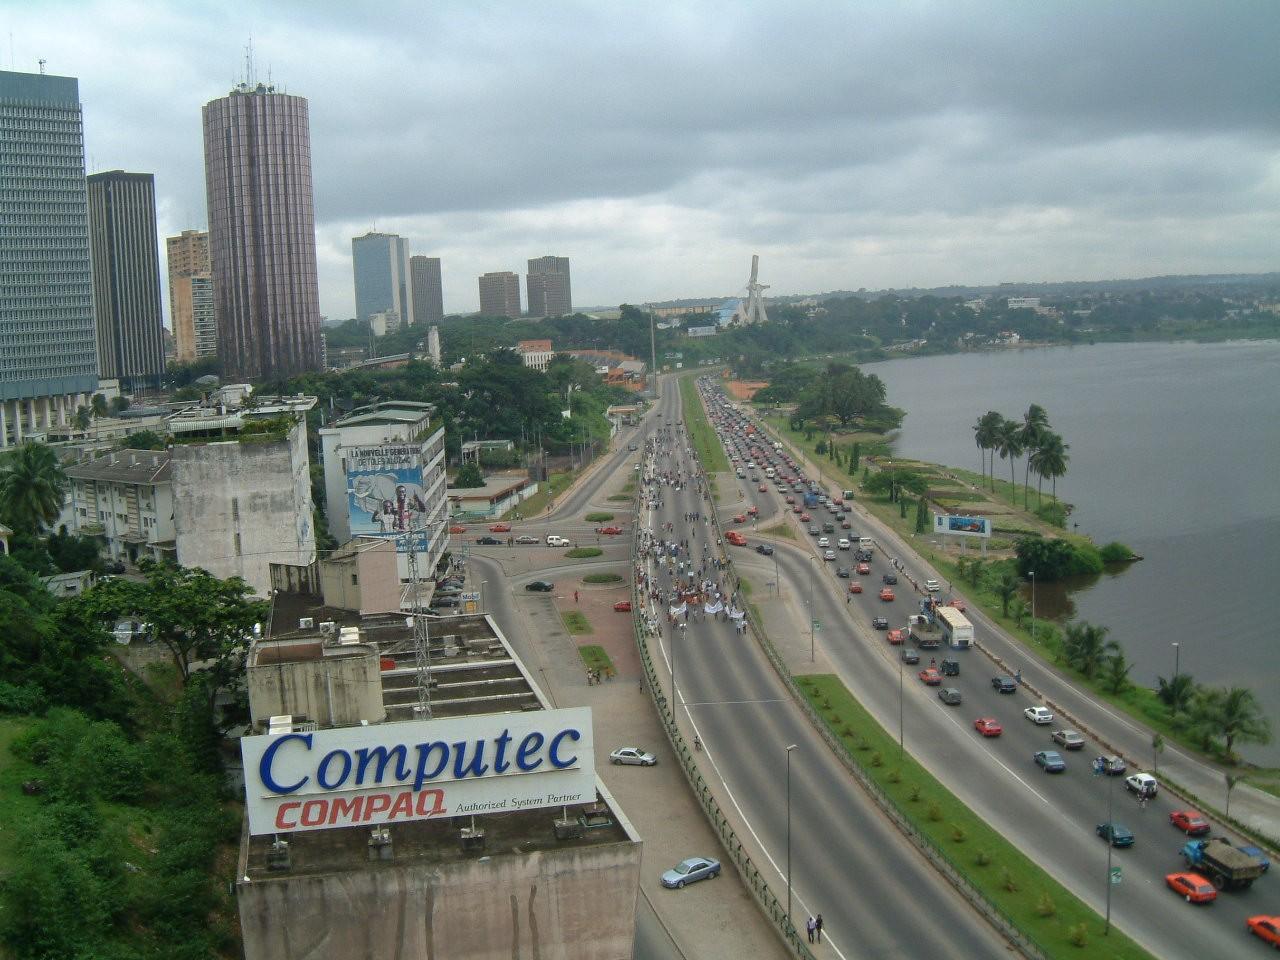 Sofaco Cote D Ivoire I Sofa Divoire Tourist Destinations